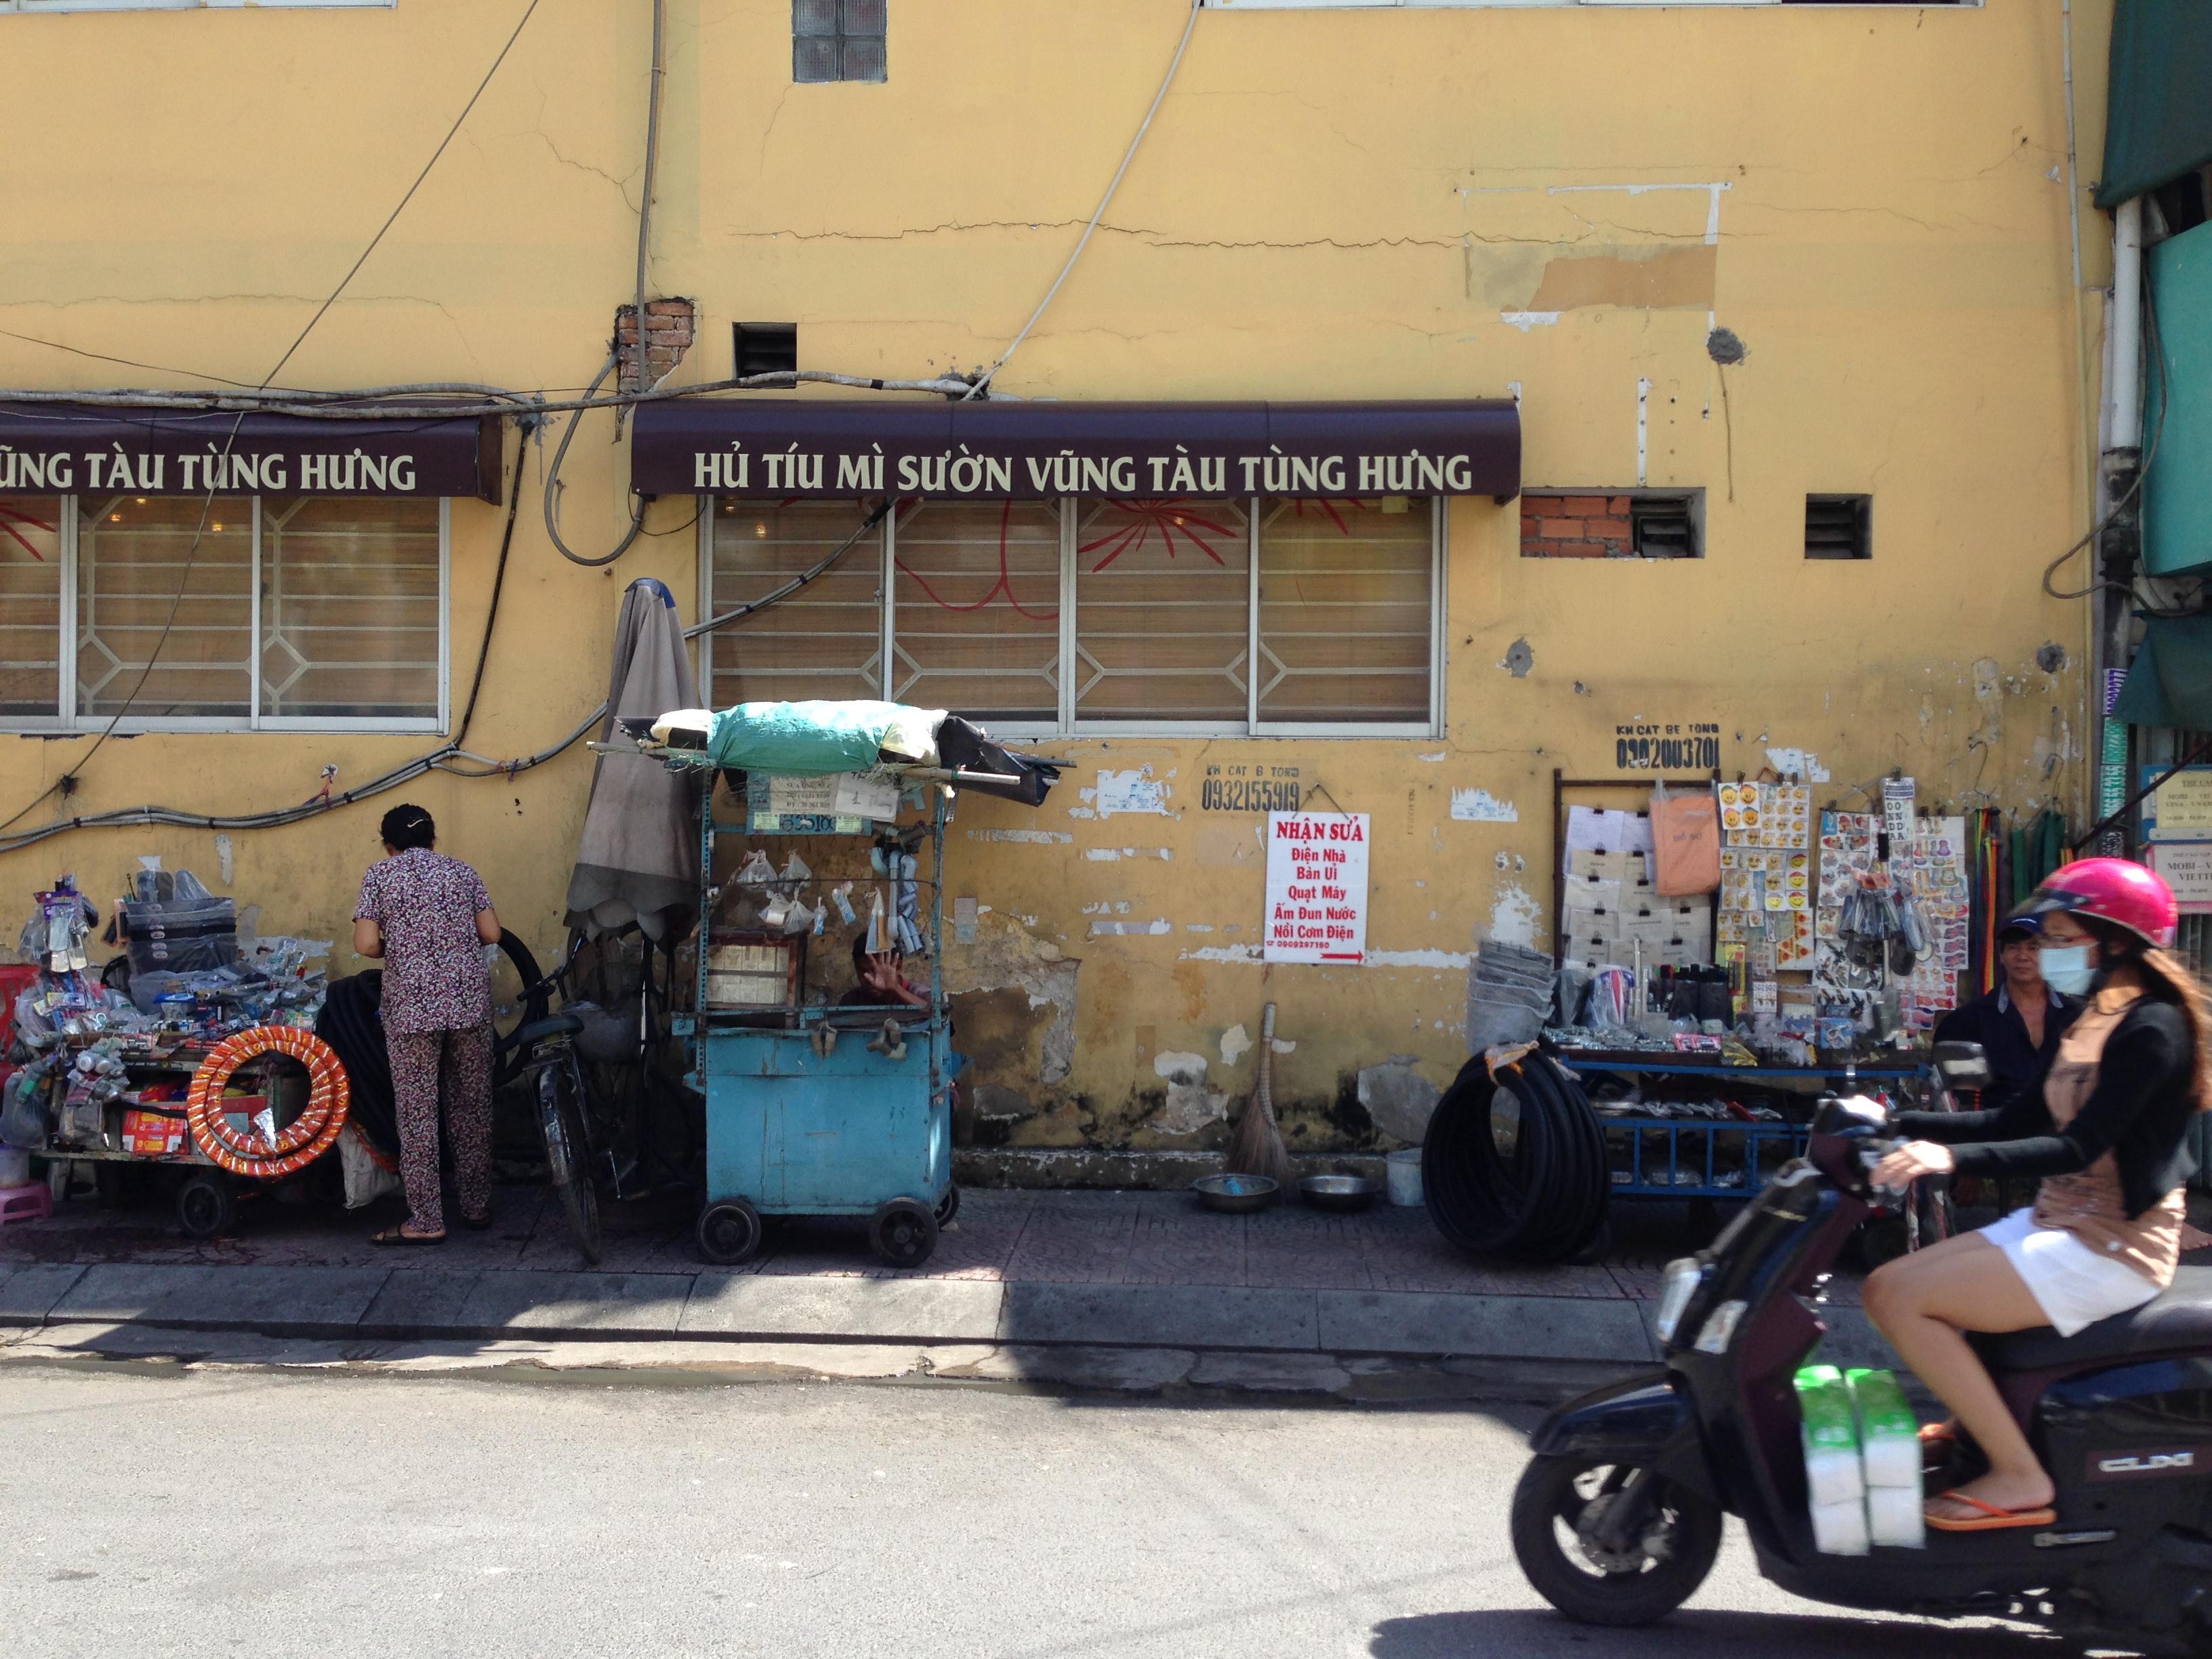 σεξ μασάζ σε Saigon μεγάλο καβλί σόλο σωλήνες